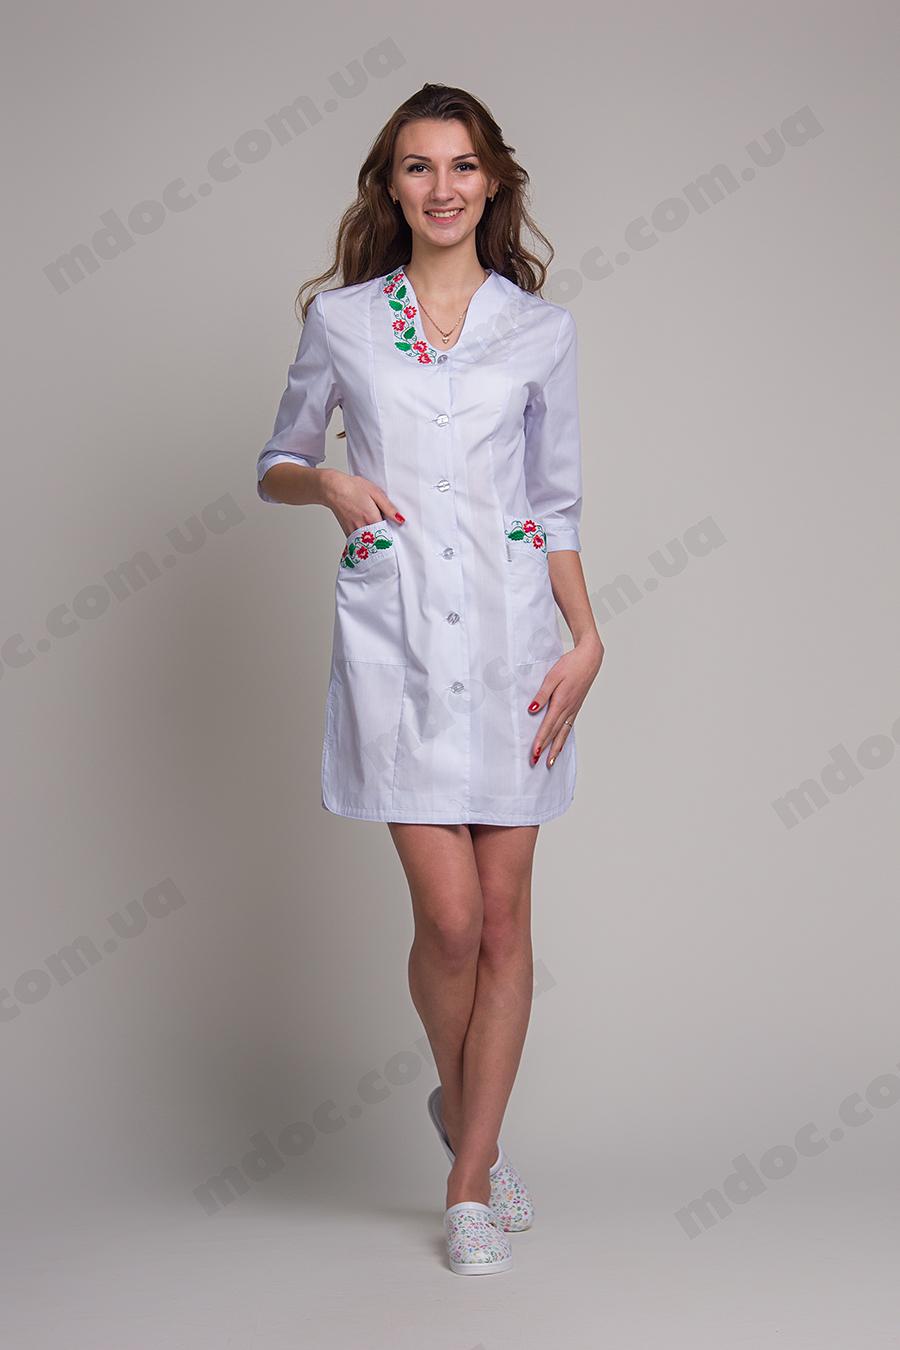 Мед халаты с вышивкой модный доктор